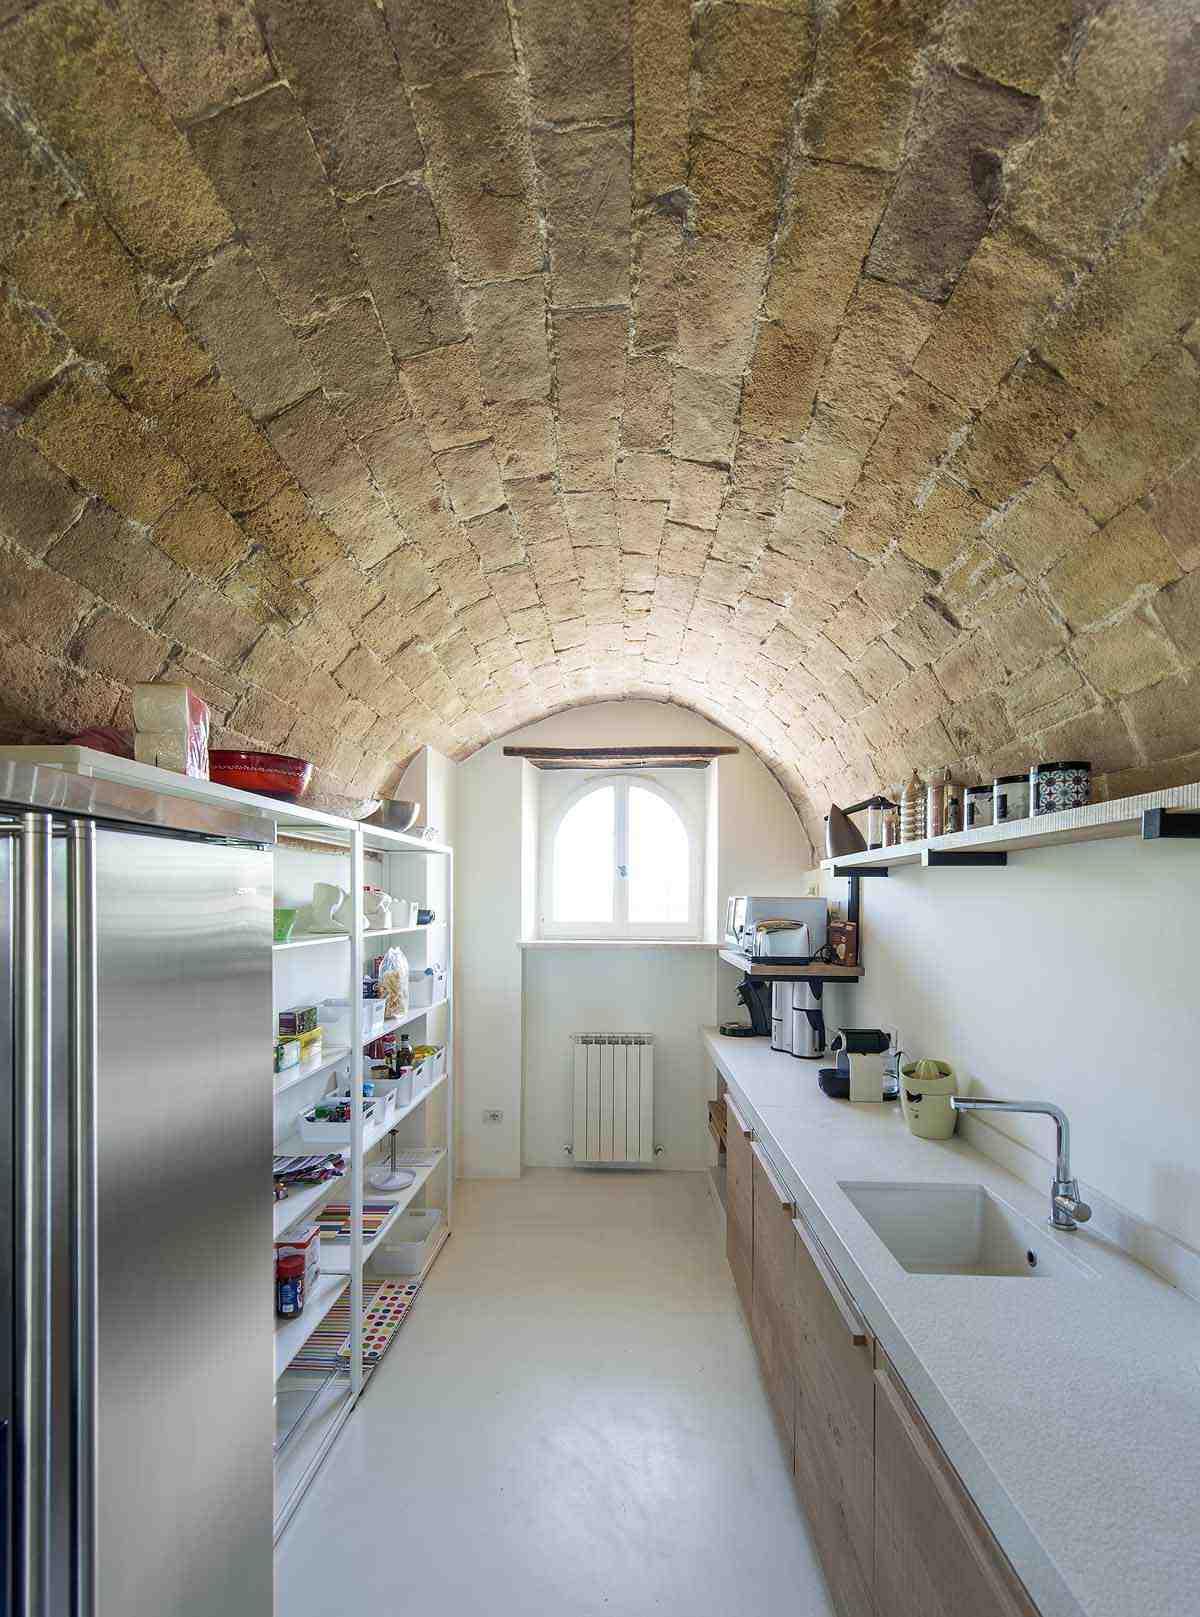 Camattei design vakantiehuis vakantiehuizen designvilla met design keuken italië Marche